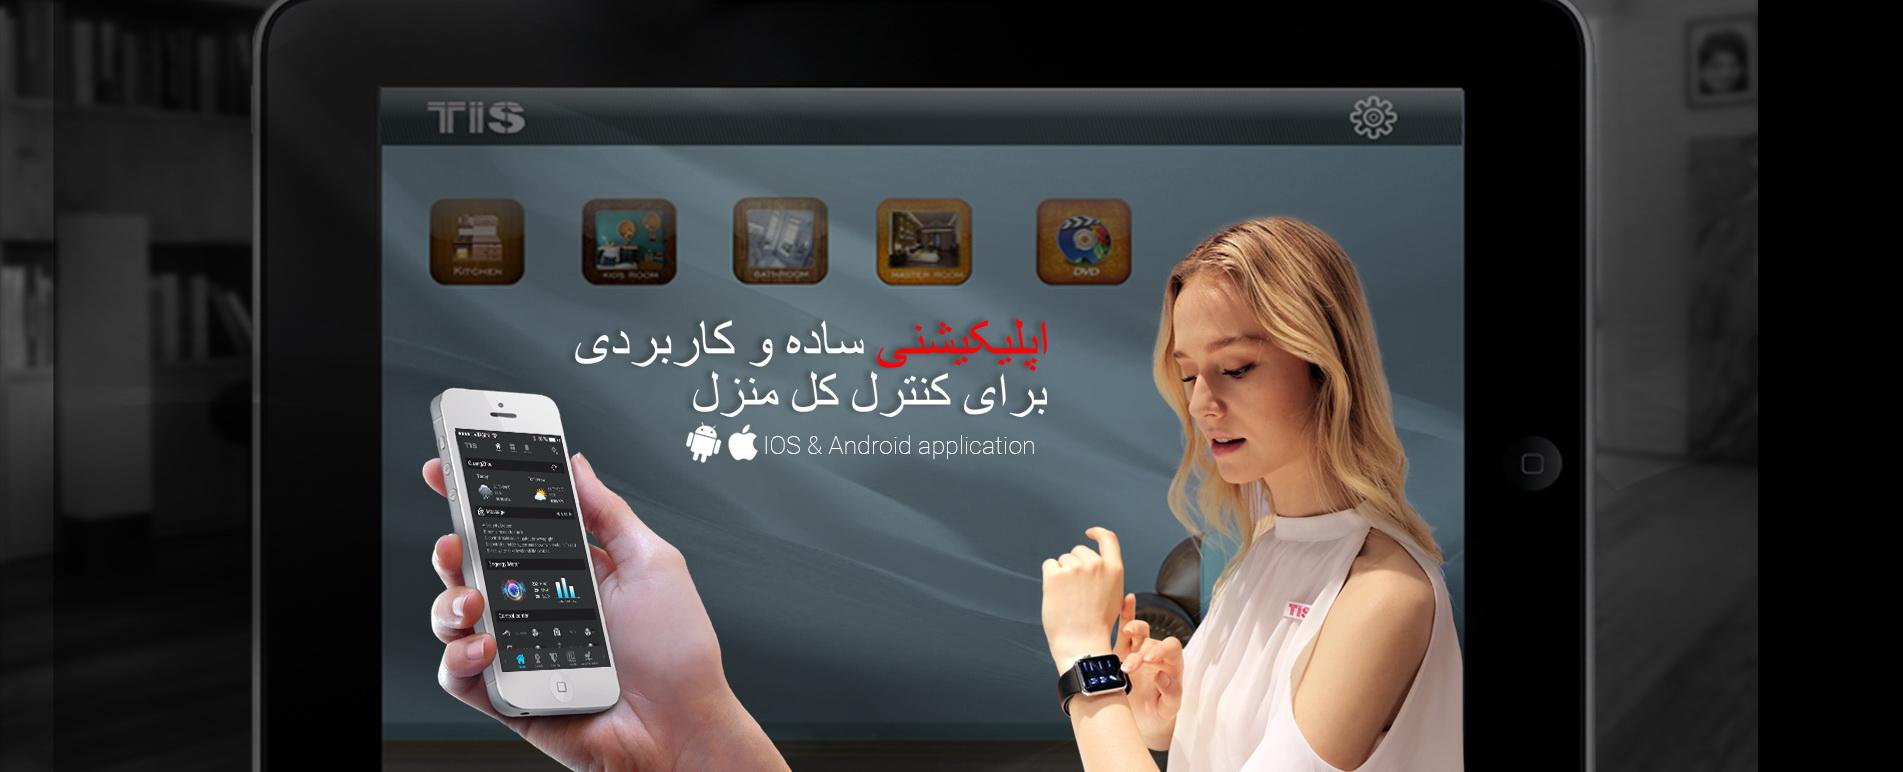 کنترل خانه هوشمند خود را در دست بگیرید – اپلیکیشن ساعت اپل – اپلیکیشن هوشمند